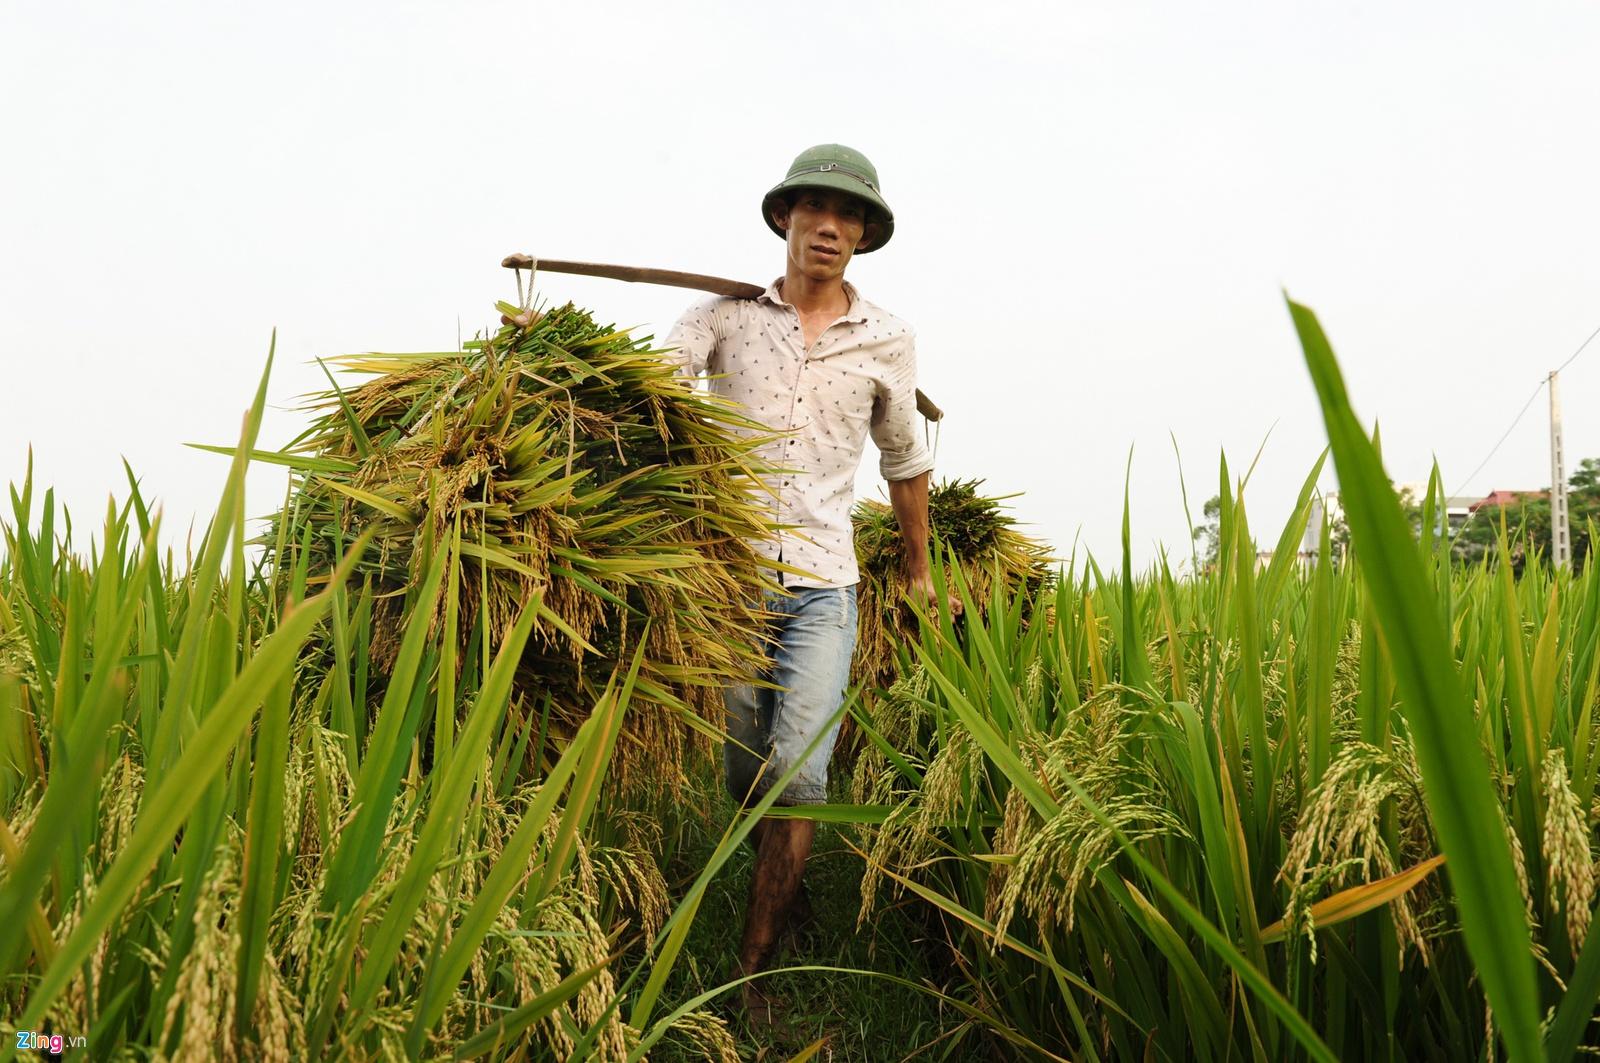 Một doanh nghiệp ở ĐBSCL nhận định rằng nên xuất khẩu vì Việt Nam đang thừa gạo. (Ảnh qua Zing)